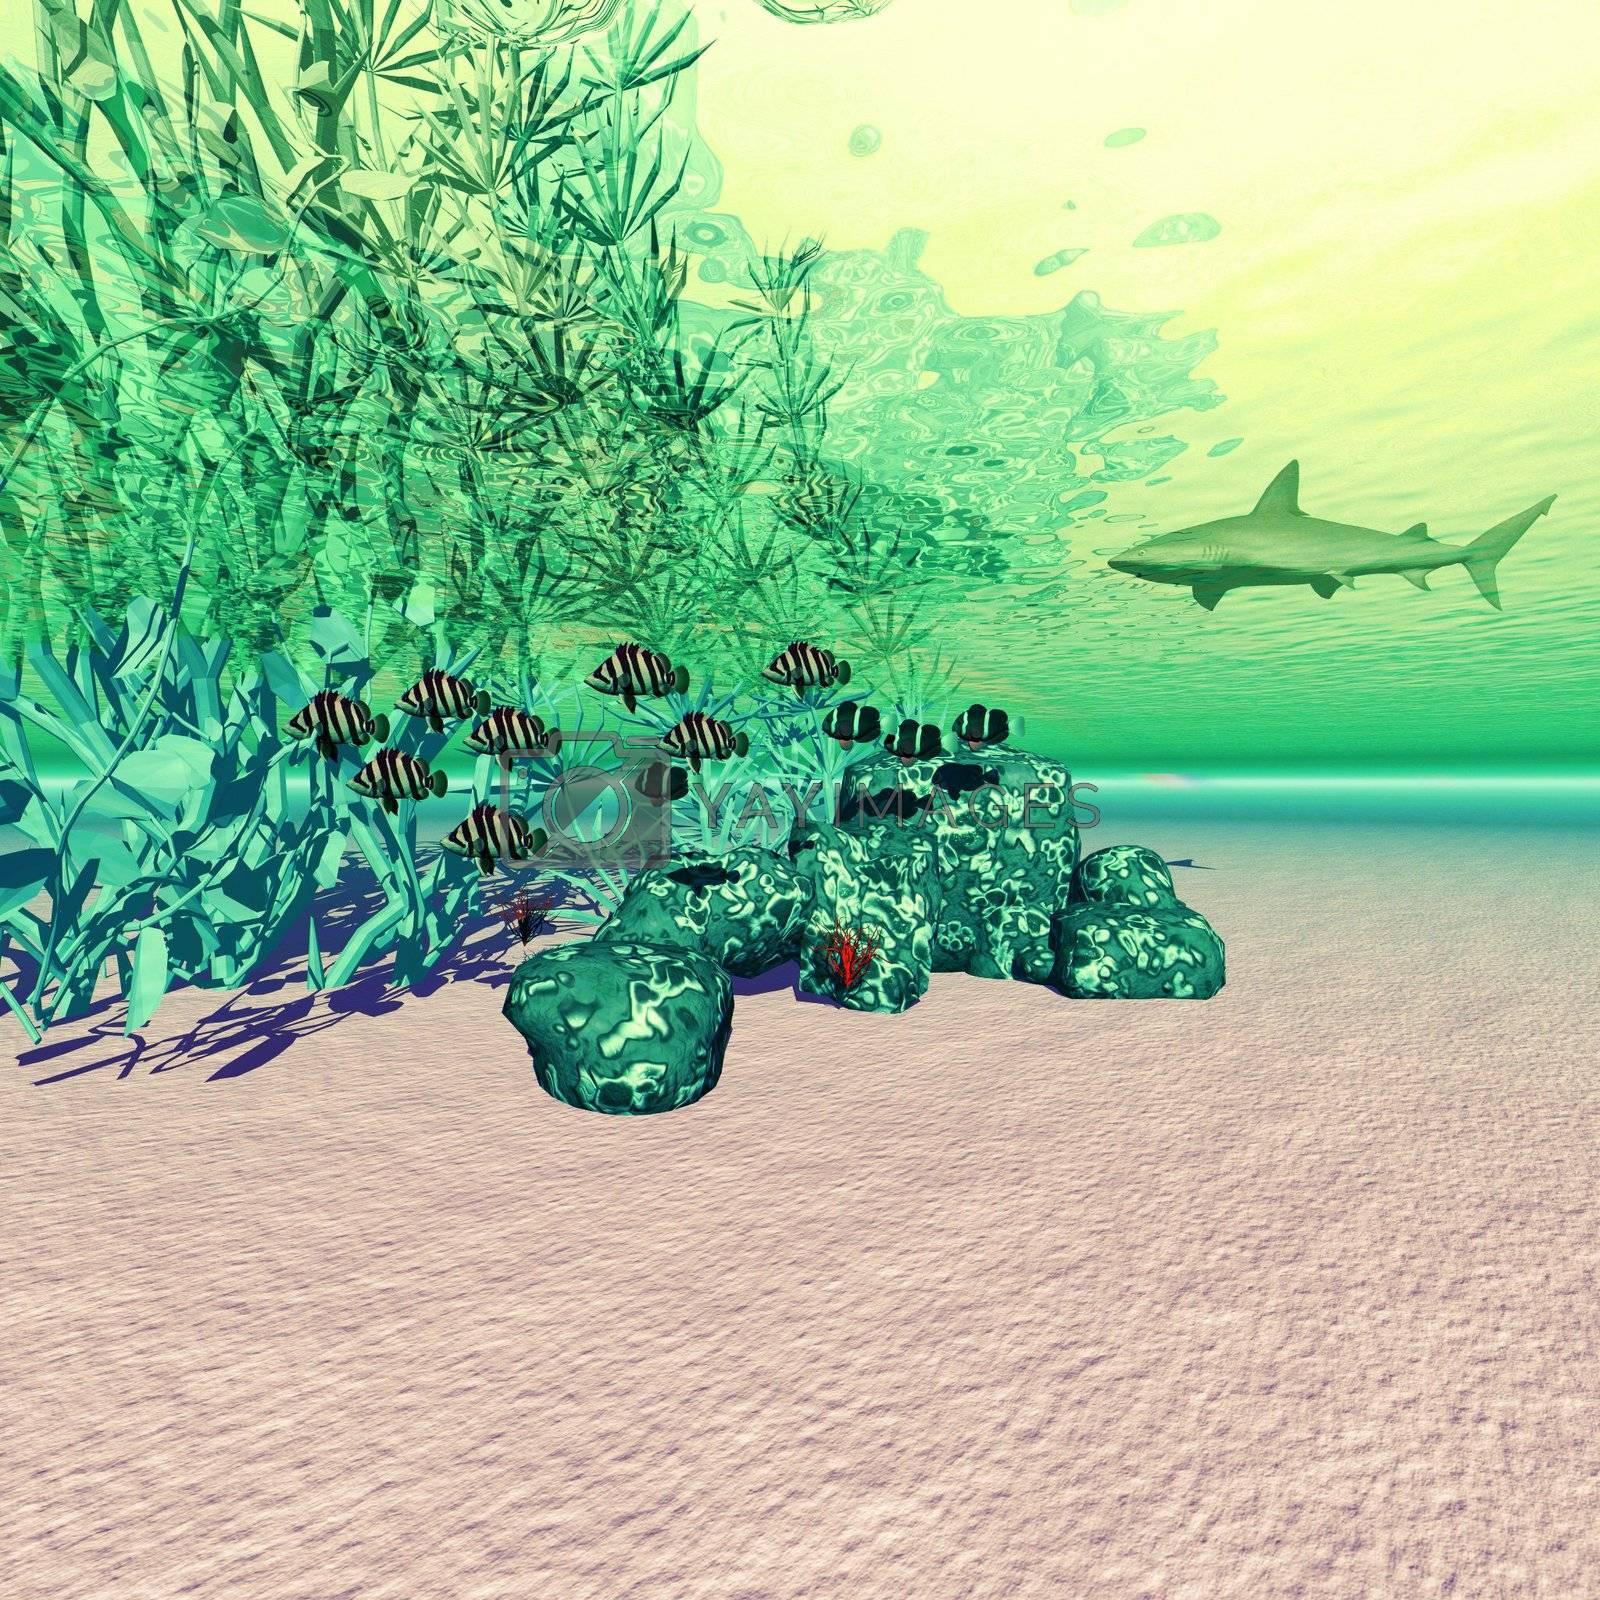 Coral reef life in the deep ocean.